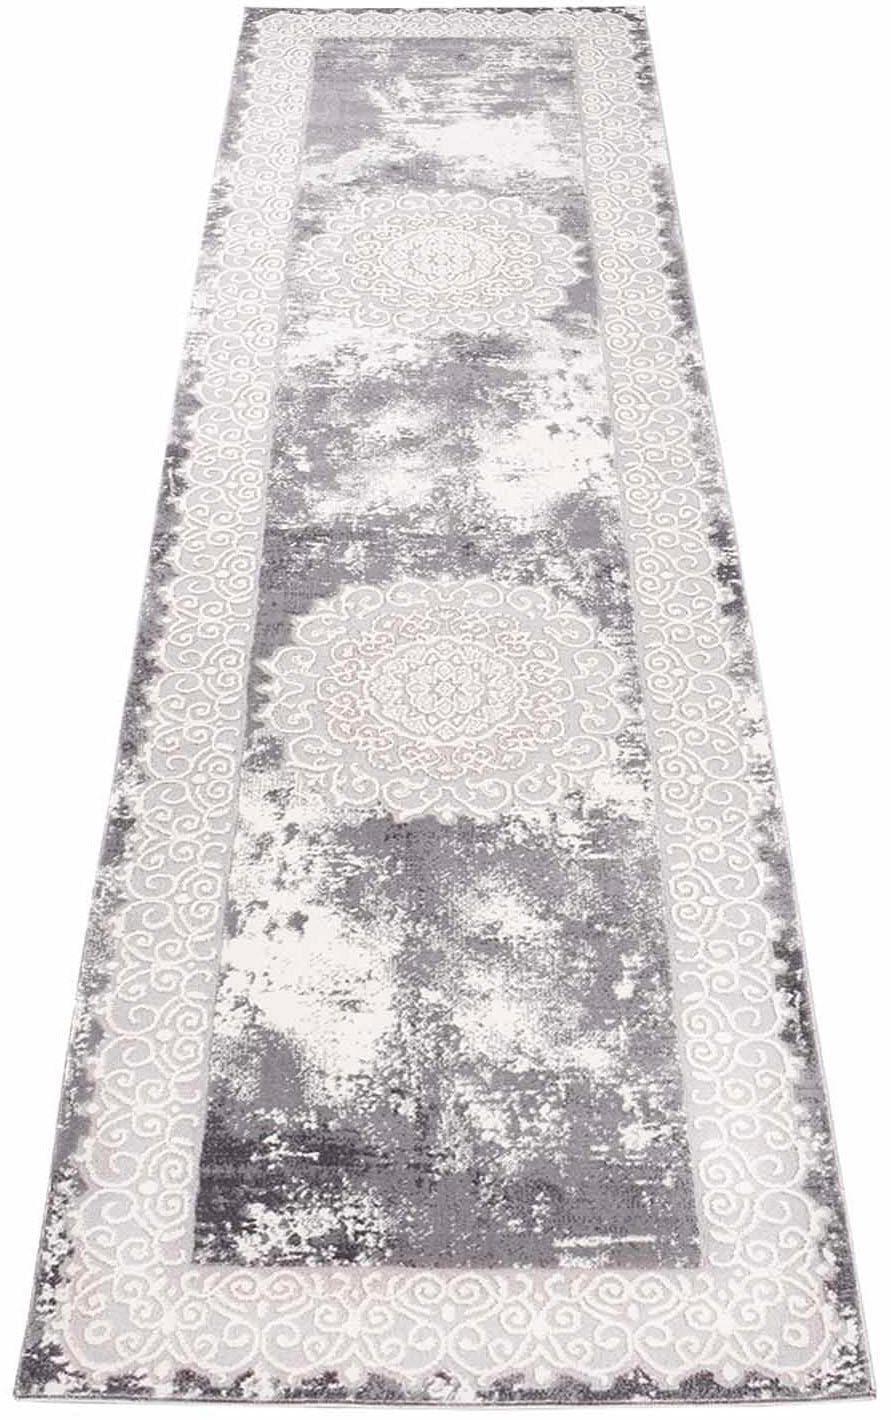 Läufer Platin 8058 Carpet City rechteckig Höhe 11 mm maschinell gewebt